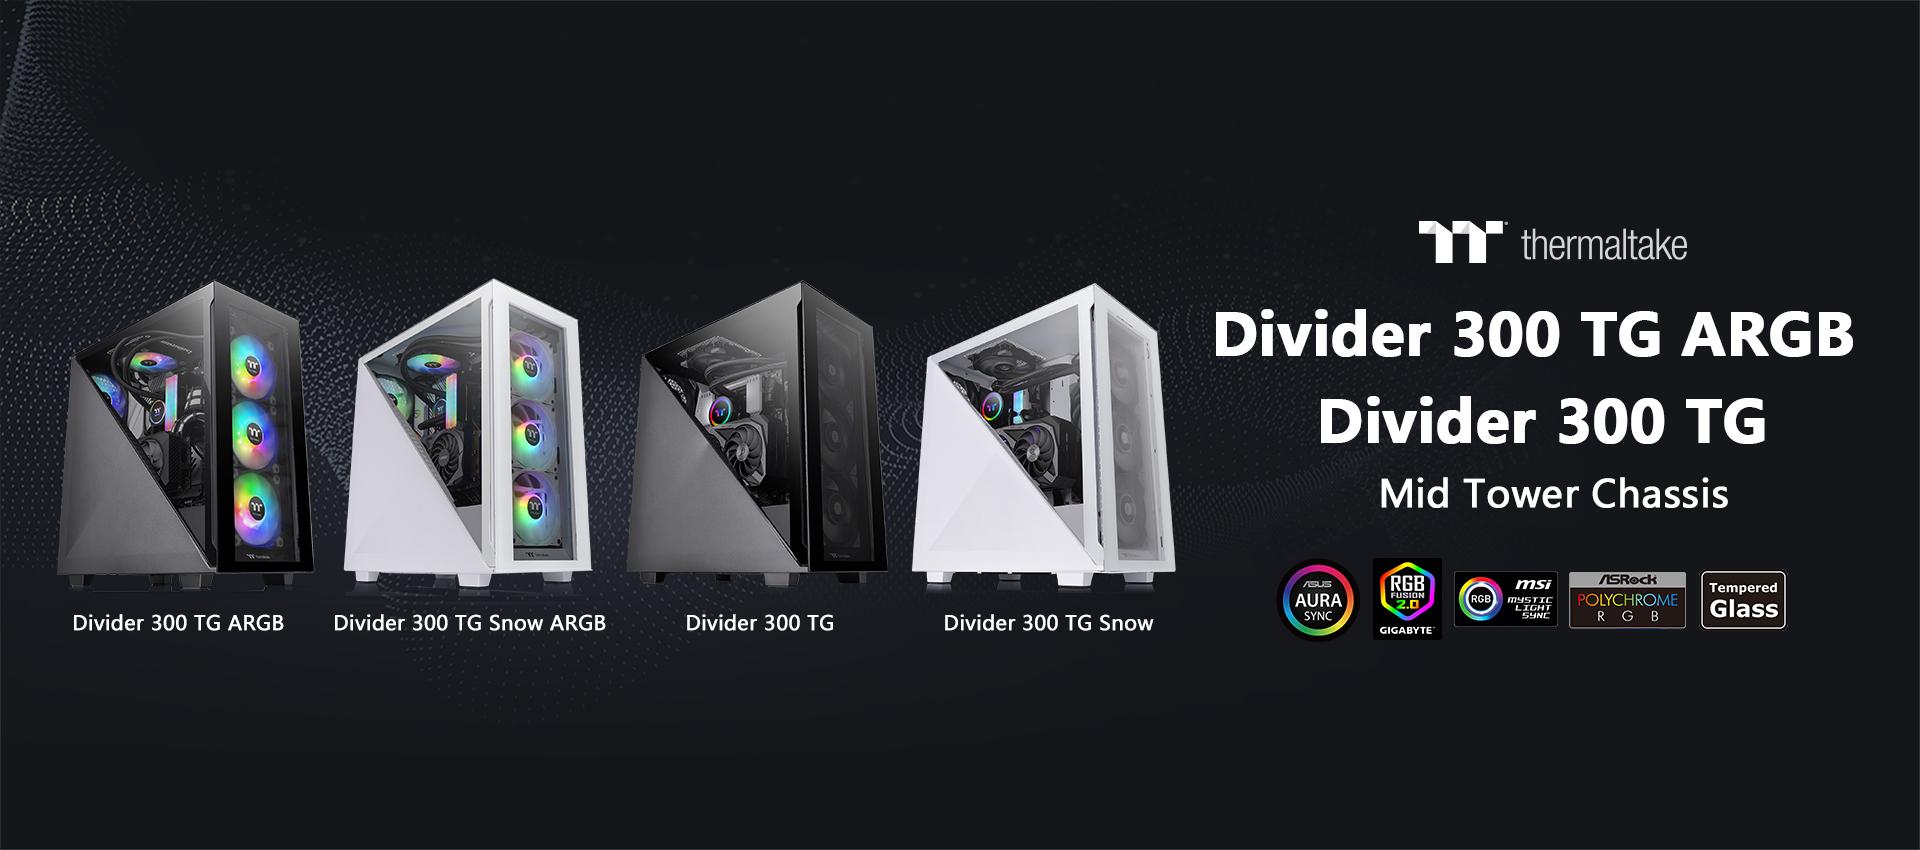 Divider 300 TG.Divider 300 TG ARGB